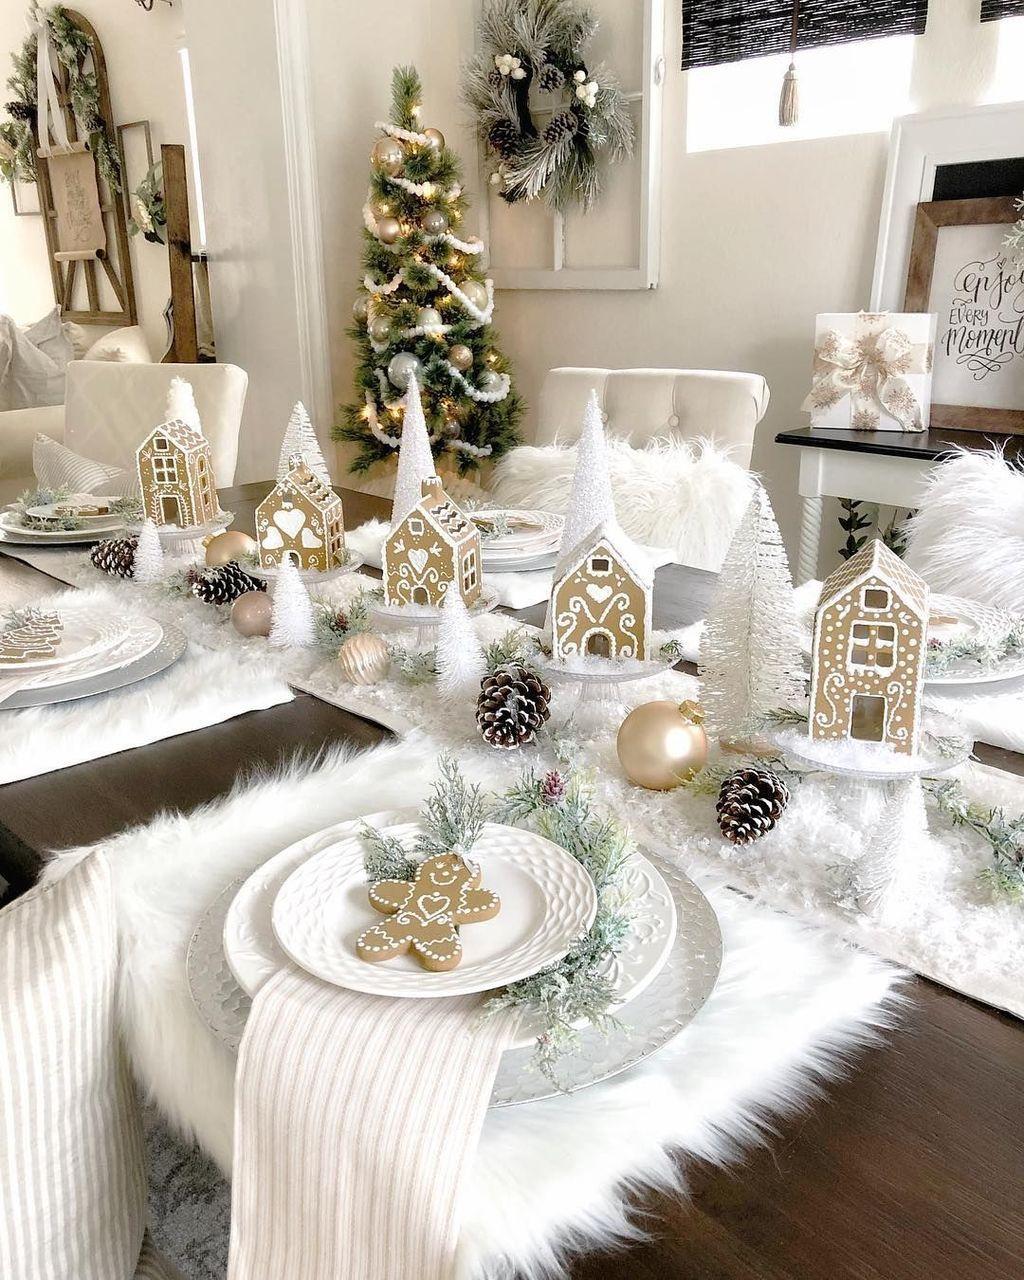 Budget Christmas Table Ideas Christmas Table Christmas Table Decorations Holiday Table Decorations